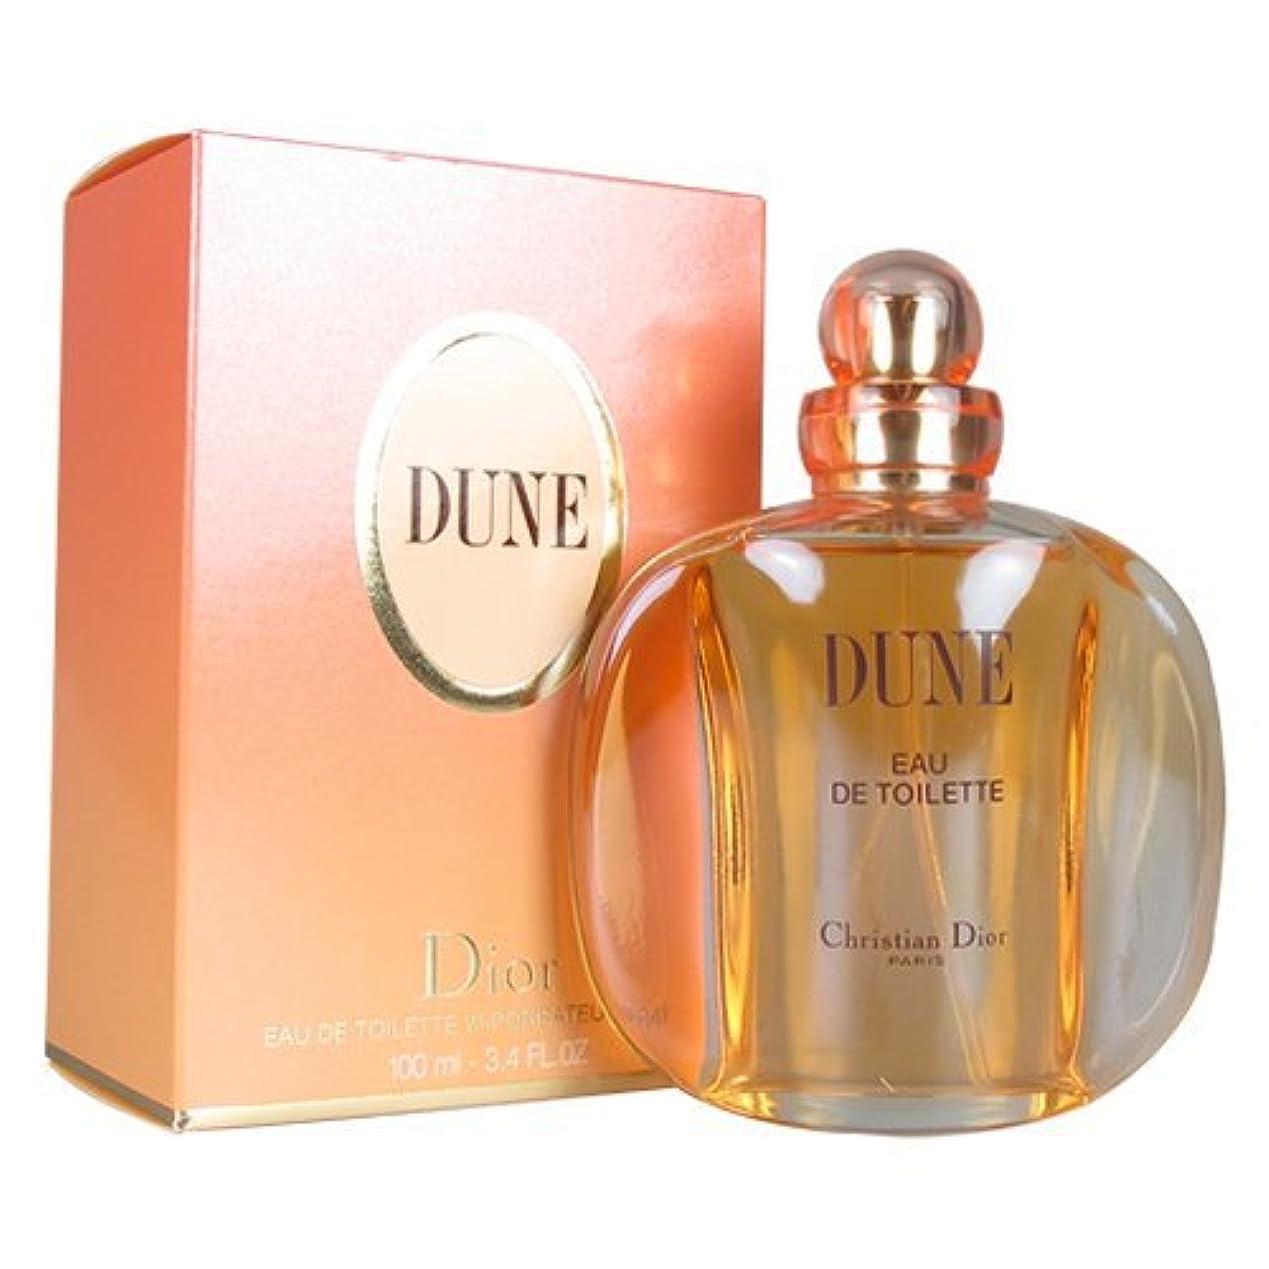 おもてなし揃える送信するクリスチャン ディオール(Christian Dior) デューン オードゥ トワレ 100ml[並行輸入品]